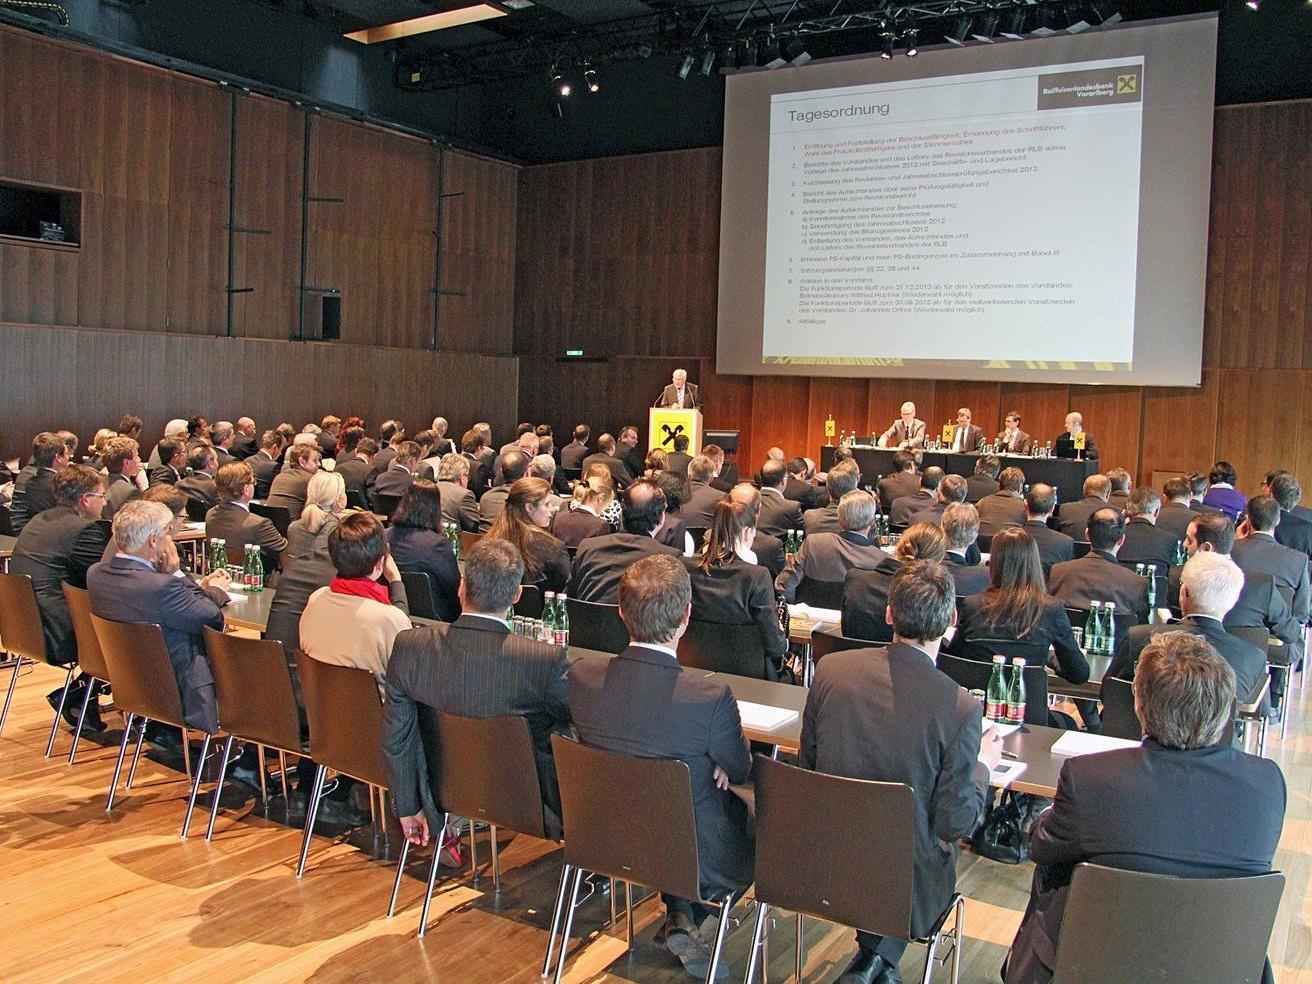 Die Generalversammlung der Raiffeisenlandesbank Vorarlberg im Festspielhaus Bregenz.